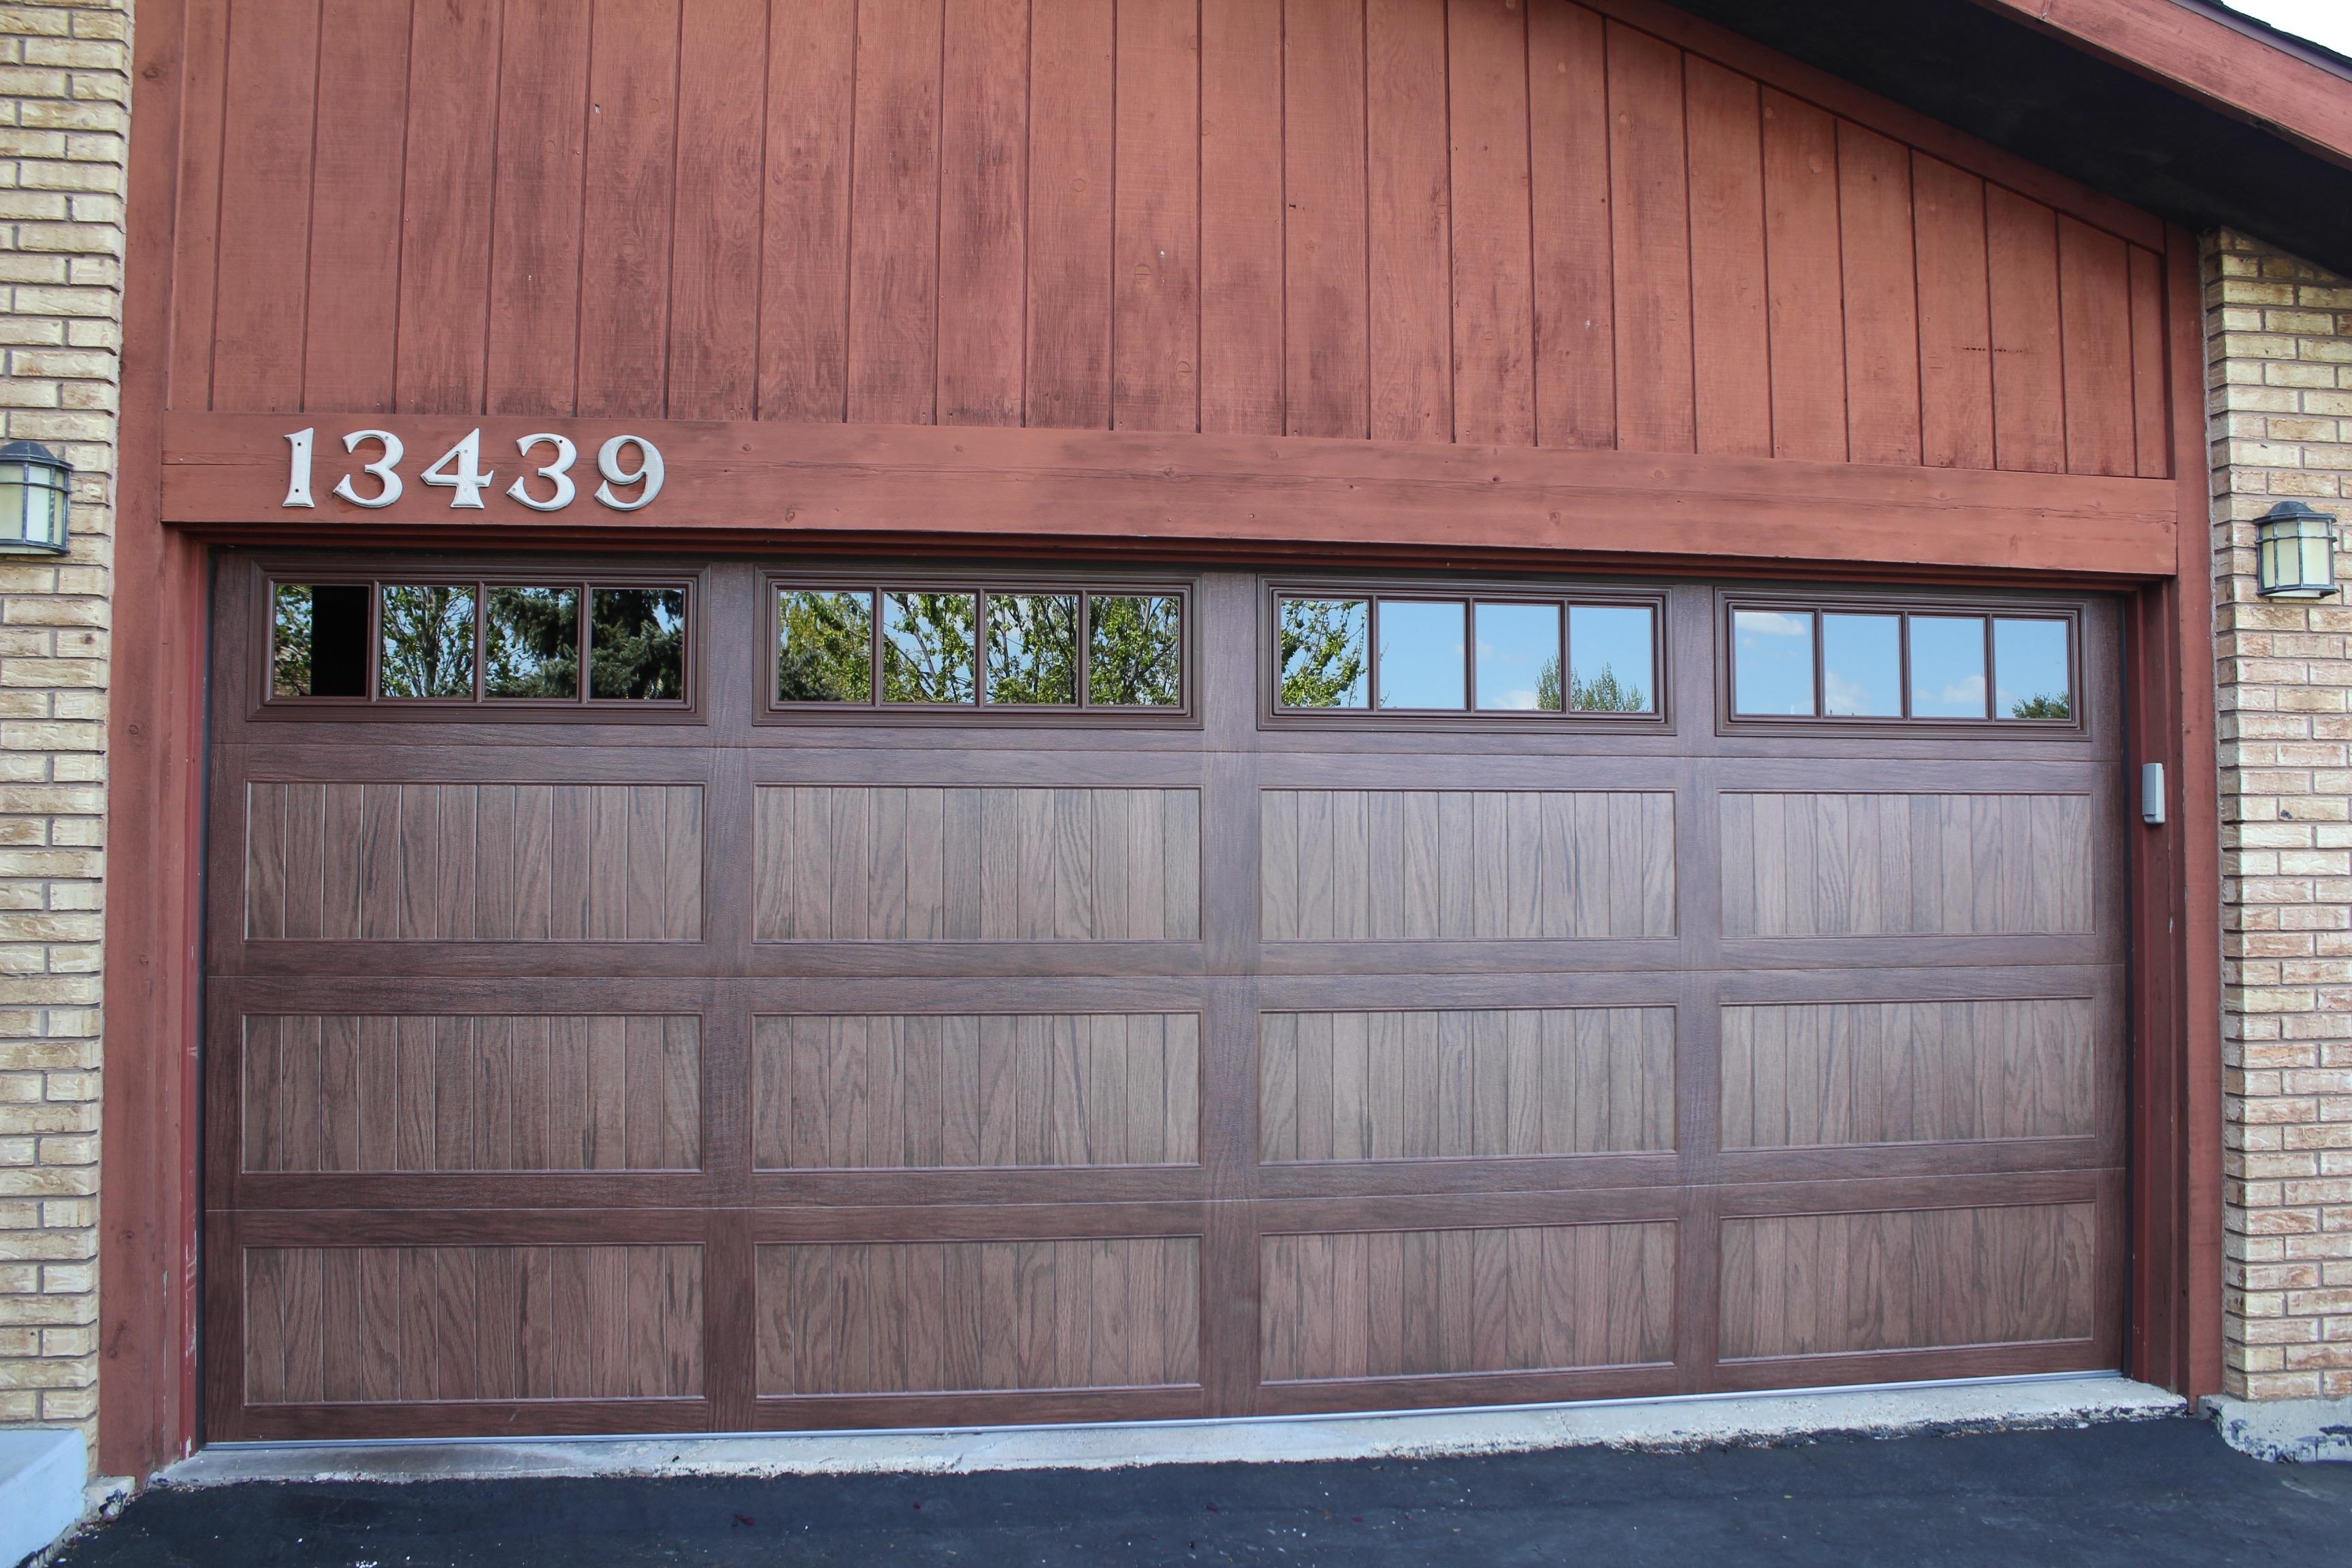 J u0026 J Reliable Doors Inc. & J u0026 J Reliable Doors Inc. in Homer Glen IL - (708) 349-1... pezcame.com